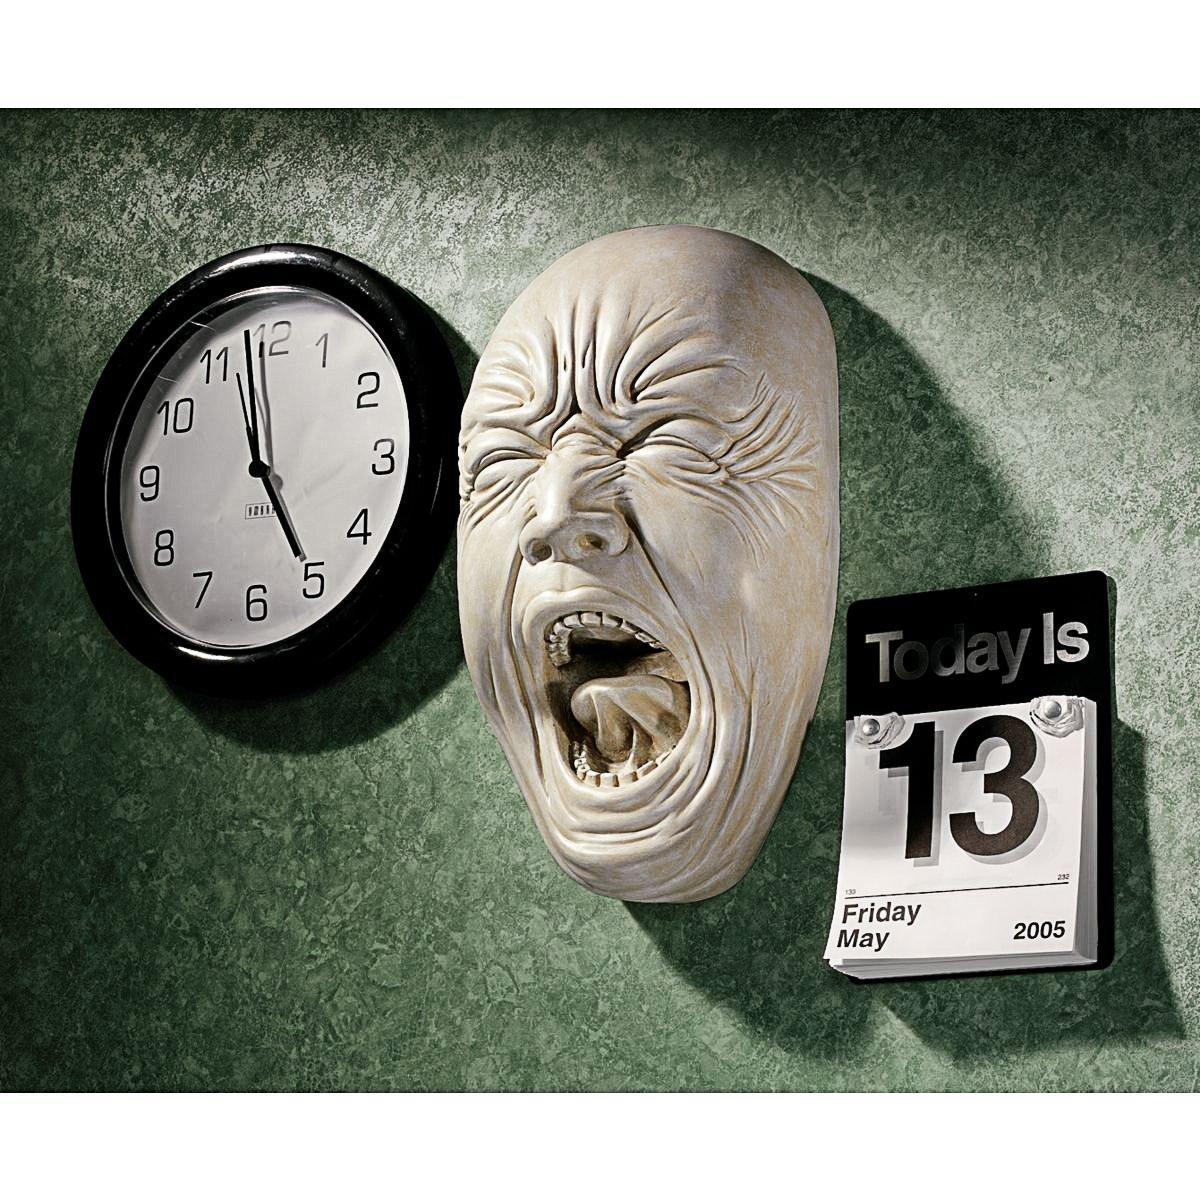 泣き叫ぶ顔(サイモン)大泣き、叫びの表情 仮面マスク 顔彫像 壁彫刻 / Screaming Simon Wall Sculpture(輸入品)